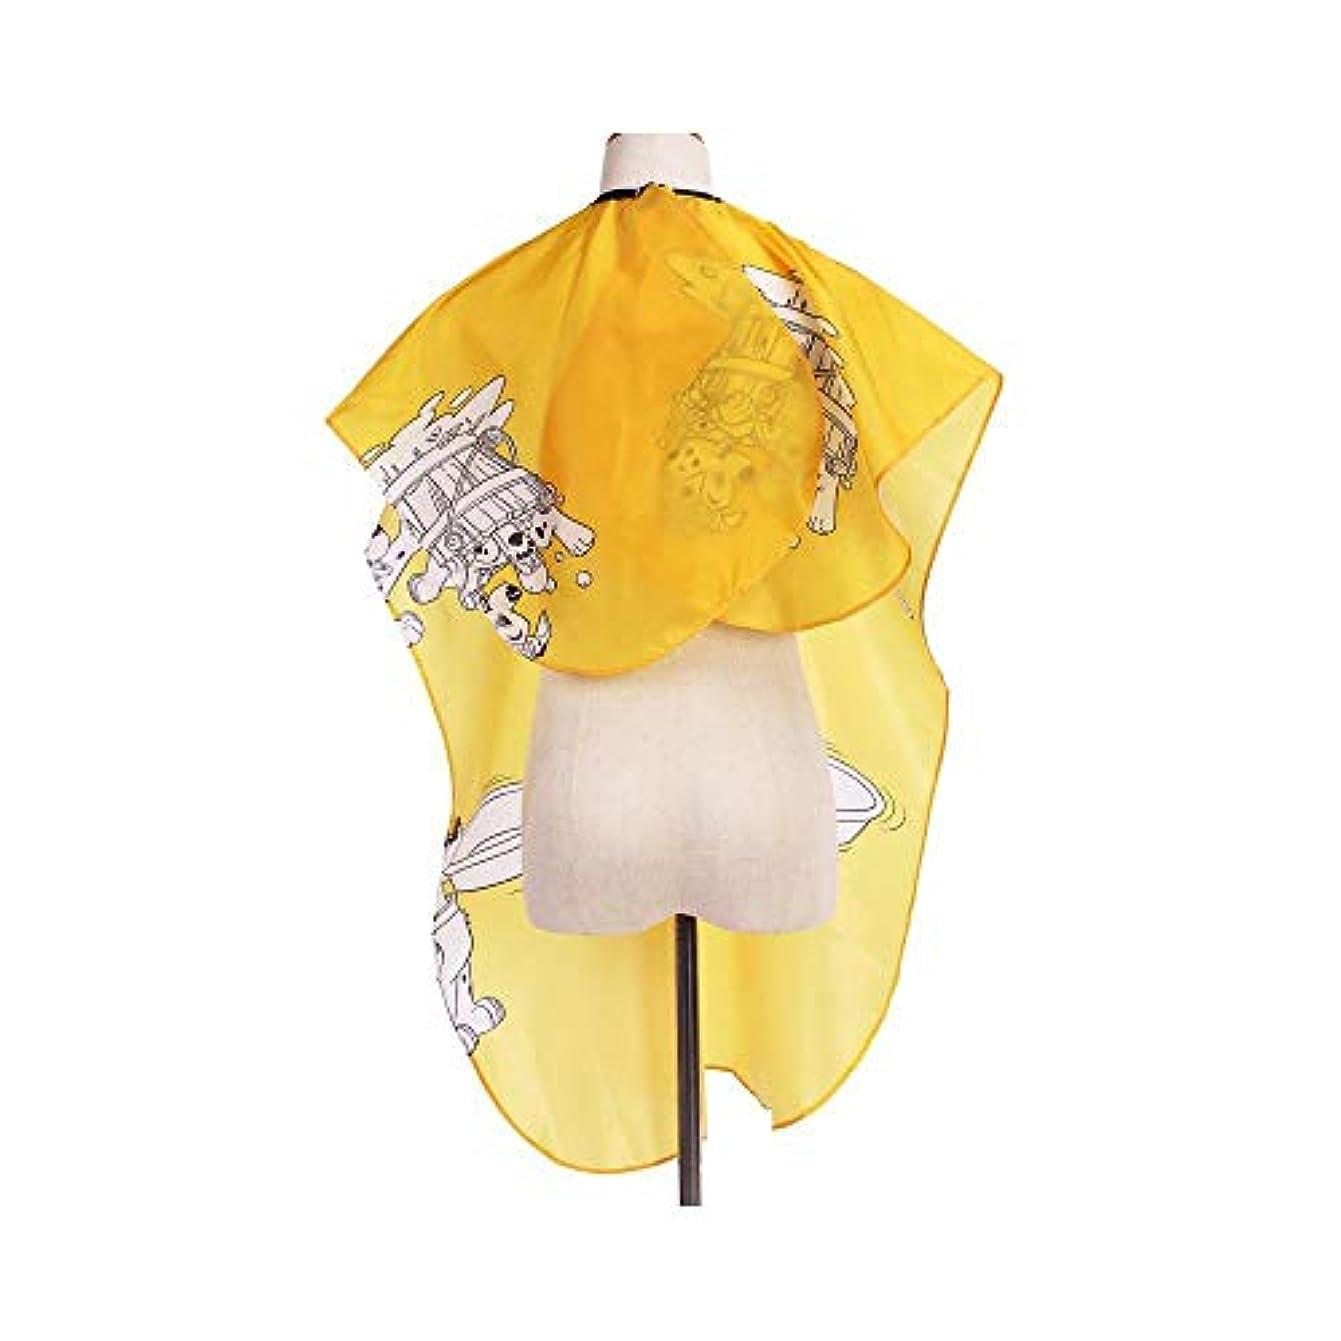 罰接ぎ木鍔ユニセックスのプロの美容師は、カットと色の黄色の全長ケープをスタイリングする髪のためのガウンを防水します モデリングツール